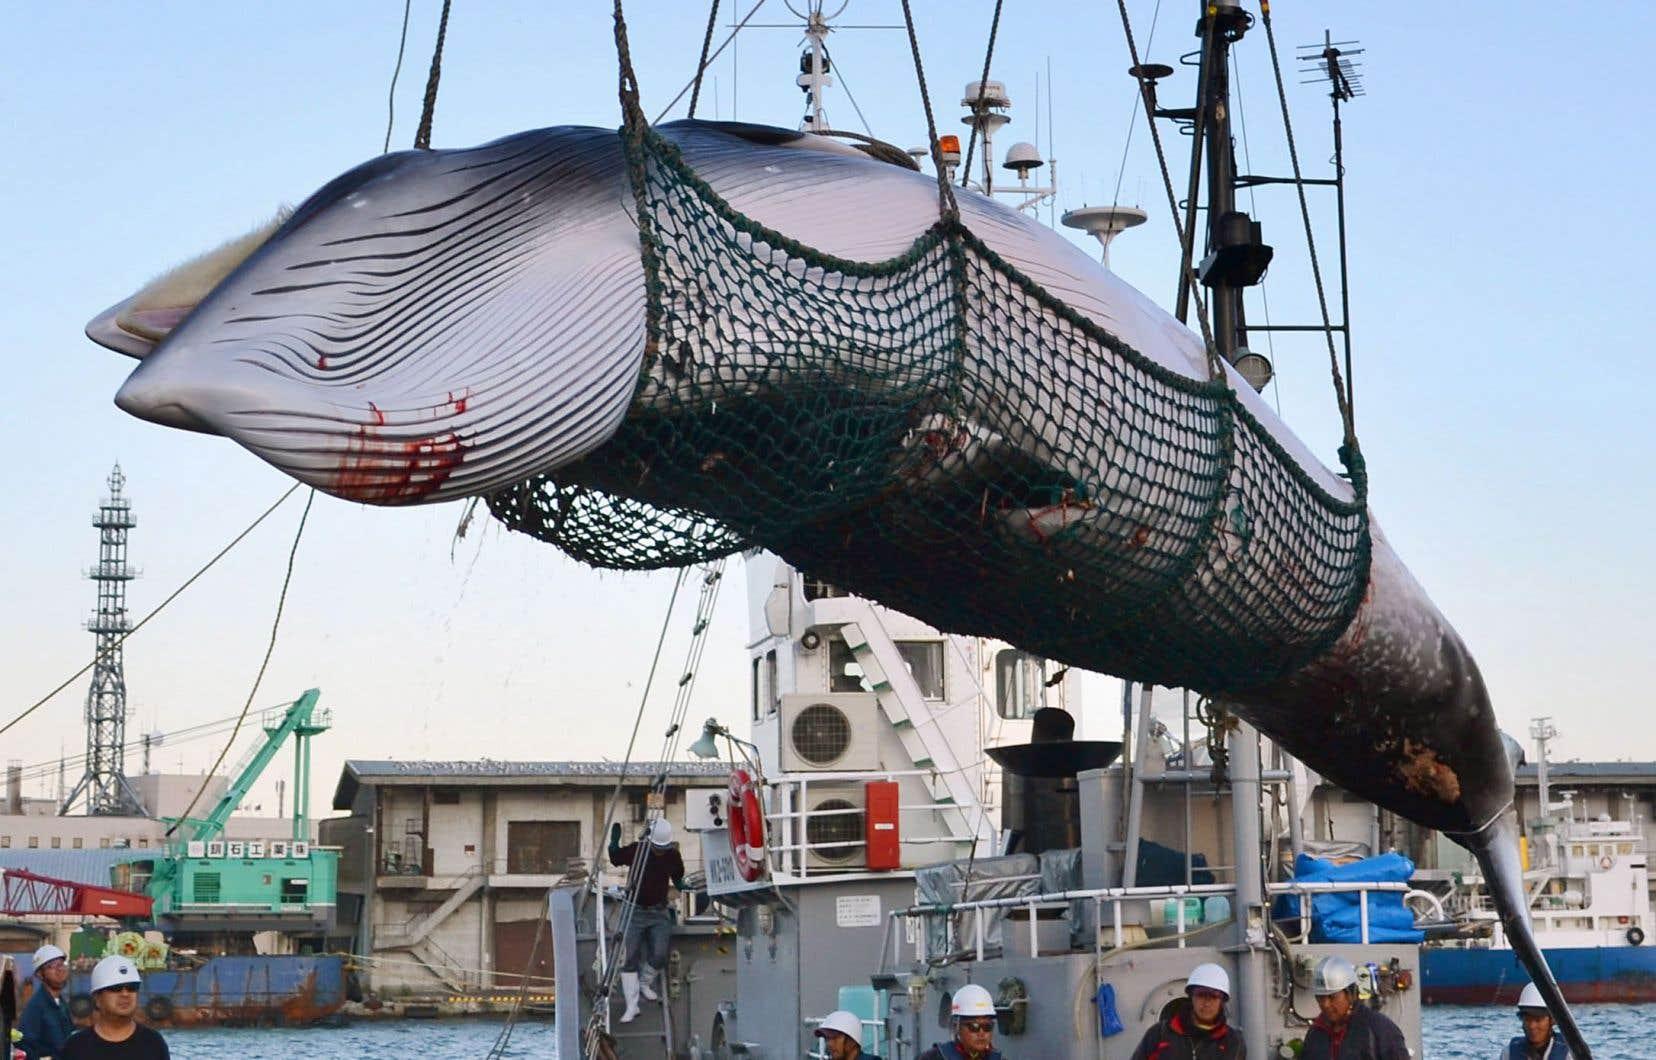 En réalité, le Japon n'a jamais vraiment arrêté la chasse à la baleine. Il n'a cessé de profiter d'une faille juridique du moratoire qui autorisait la chasse à des fins scientifiques.